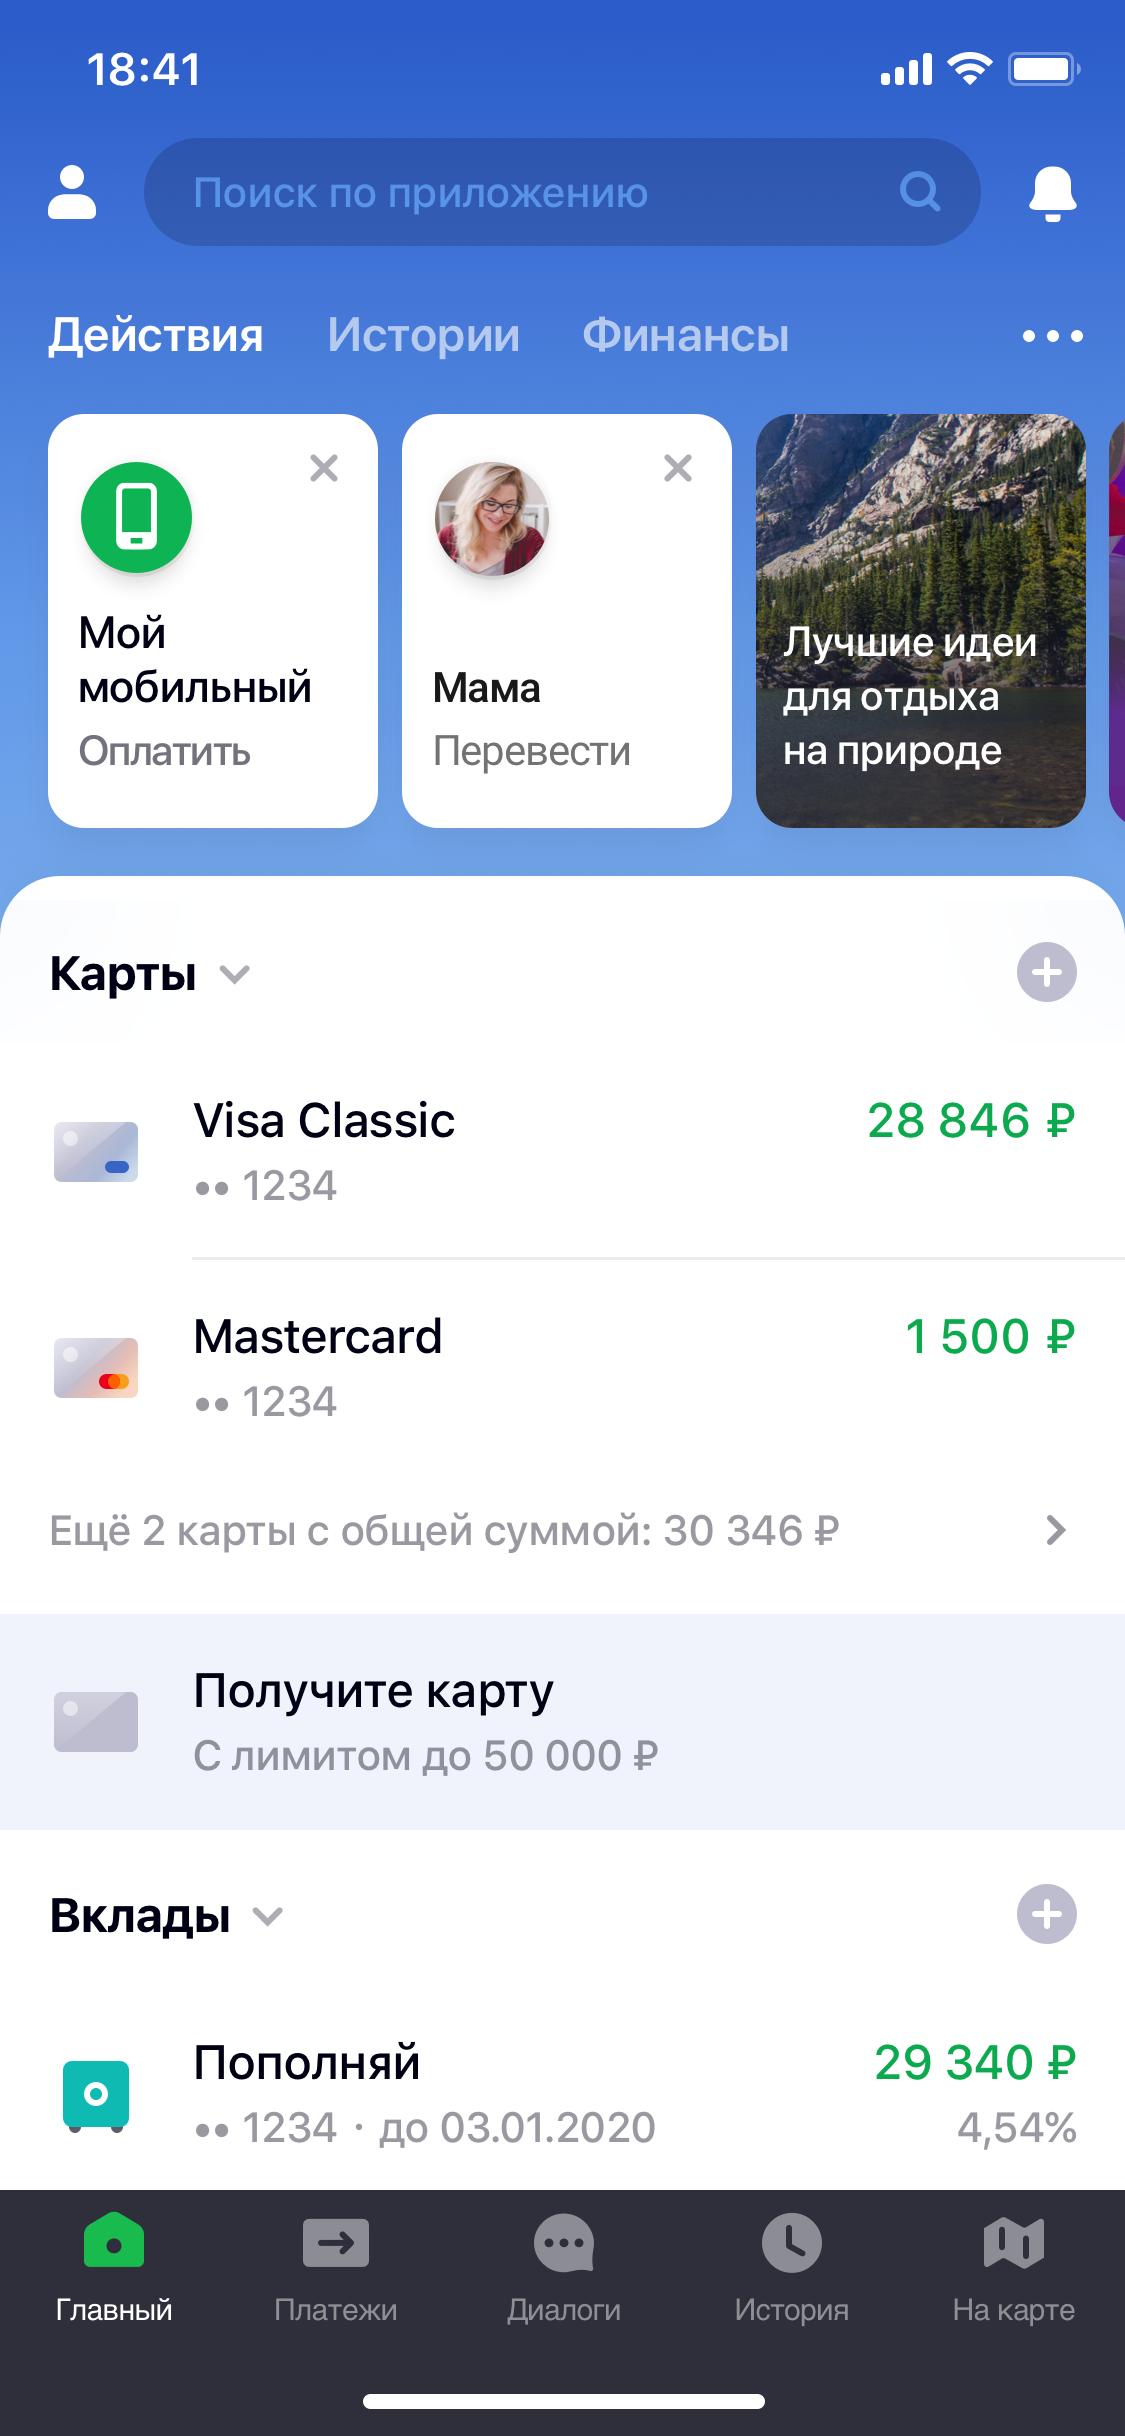 Меню мобильного клиента Сбербанка для Андроид-устройств